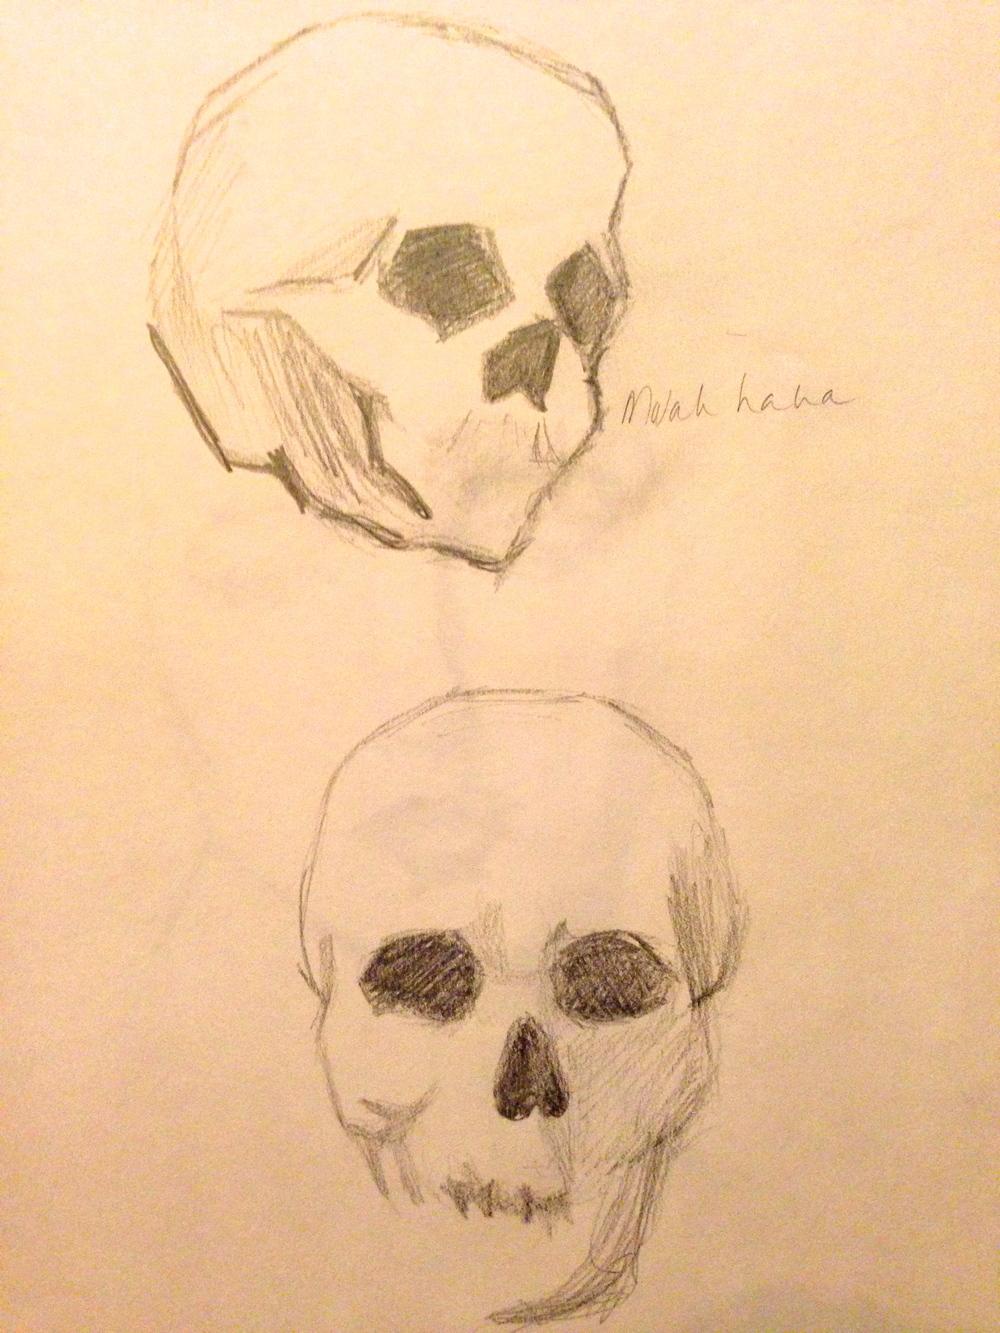 Study of skulls no. 2